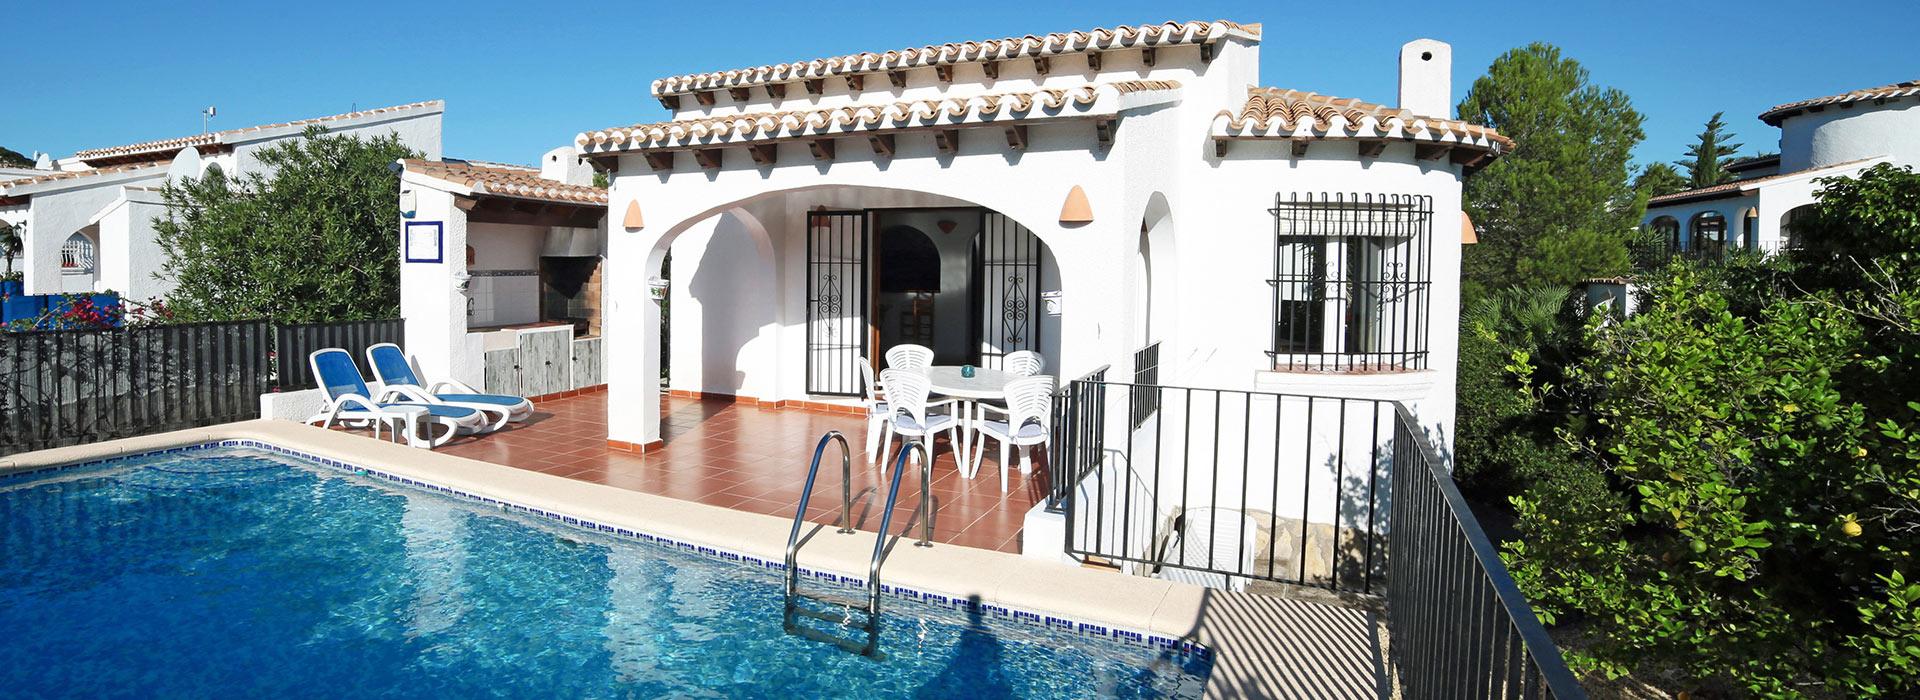 acb.immo - Villa de plain-pied avec 3 chambres et piscine à Monte Pego, Denia